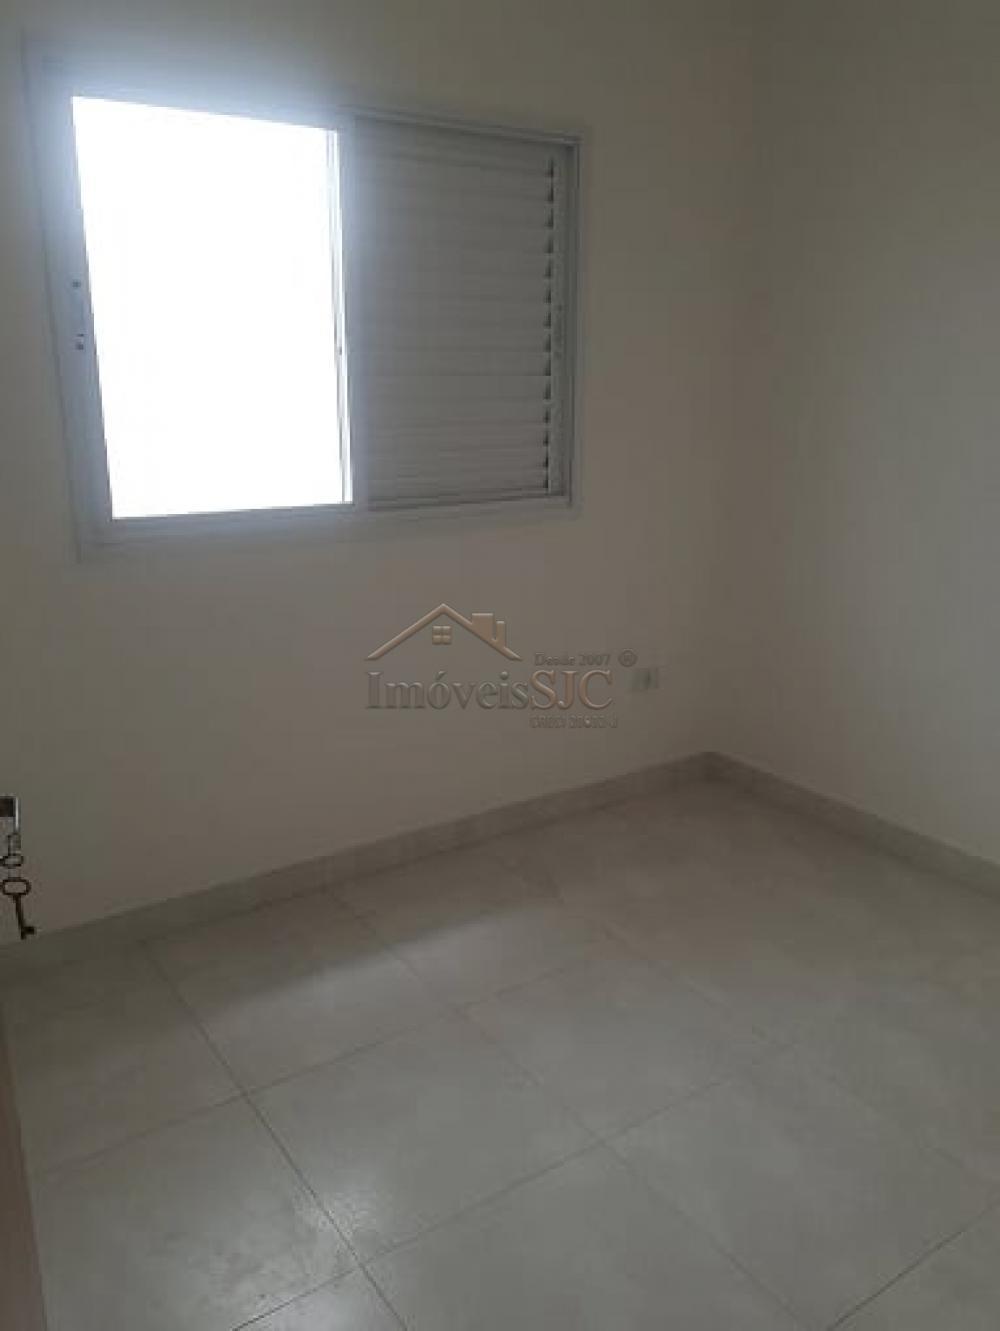 Comprar Casas / Padrão em São José dos Campos apenas R$ 437.000,00 - Foto 3